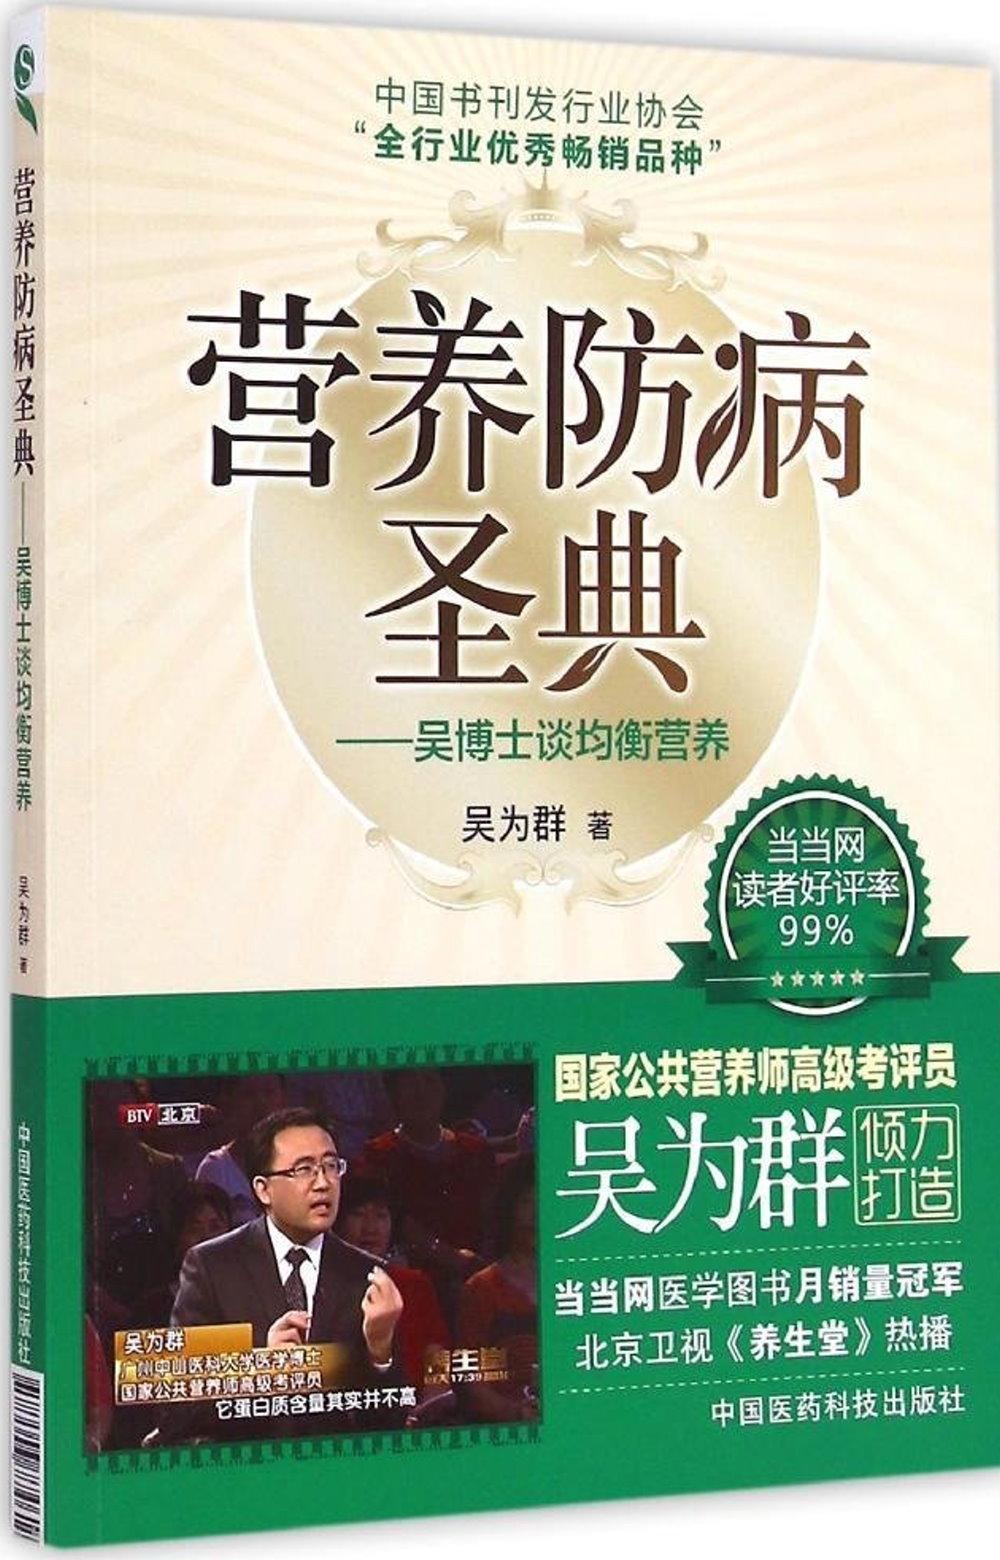 營養防病聖典:吳博士談均衡營養